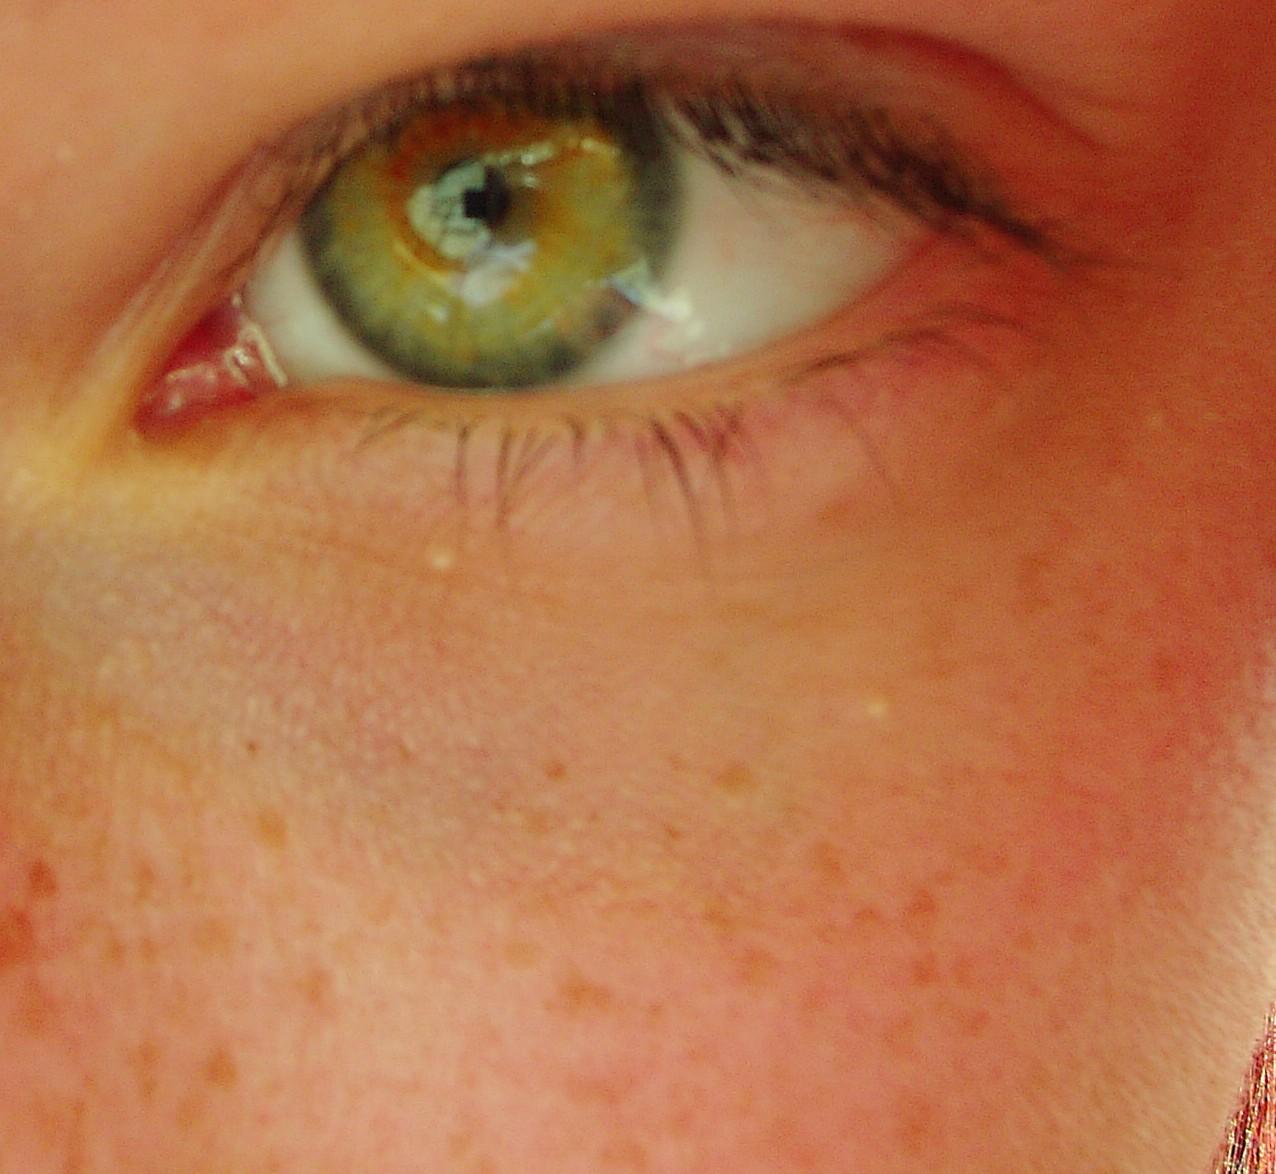 Les taches de pigment sur la personne de la raison de lapparition et le traitement